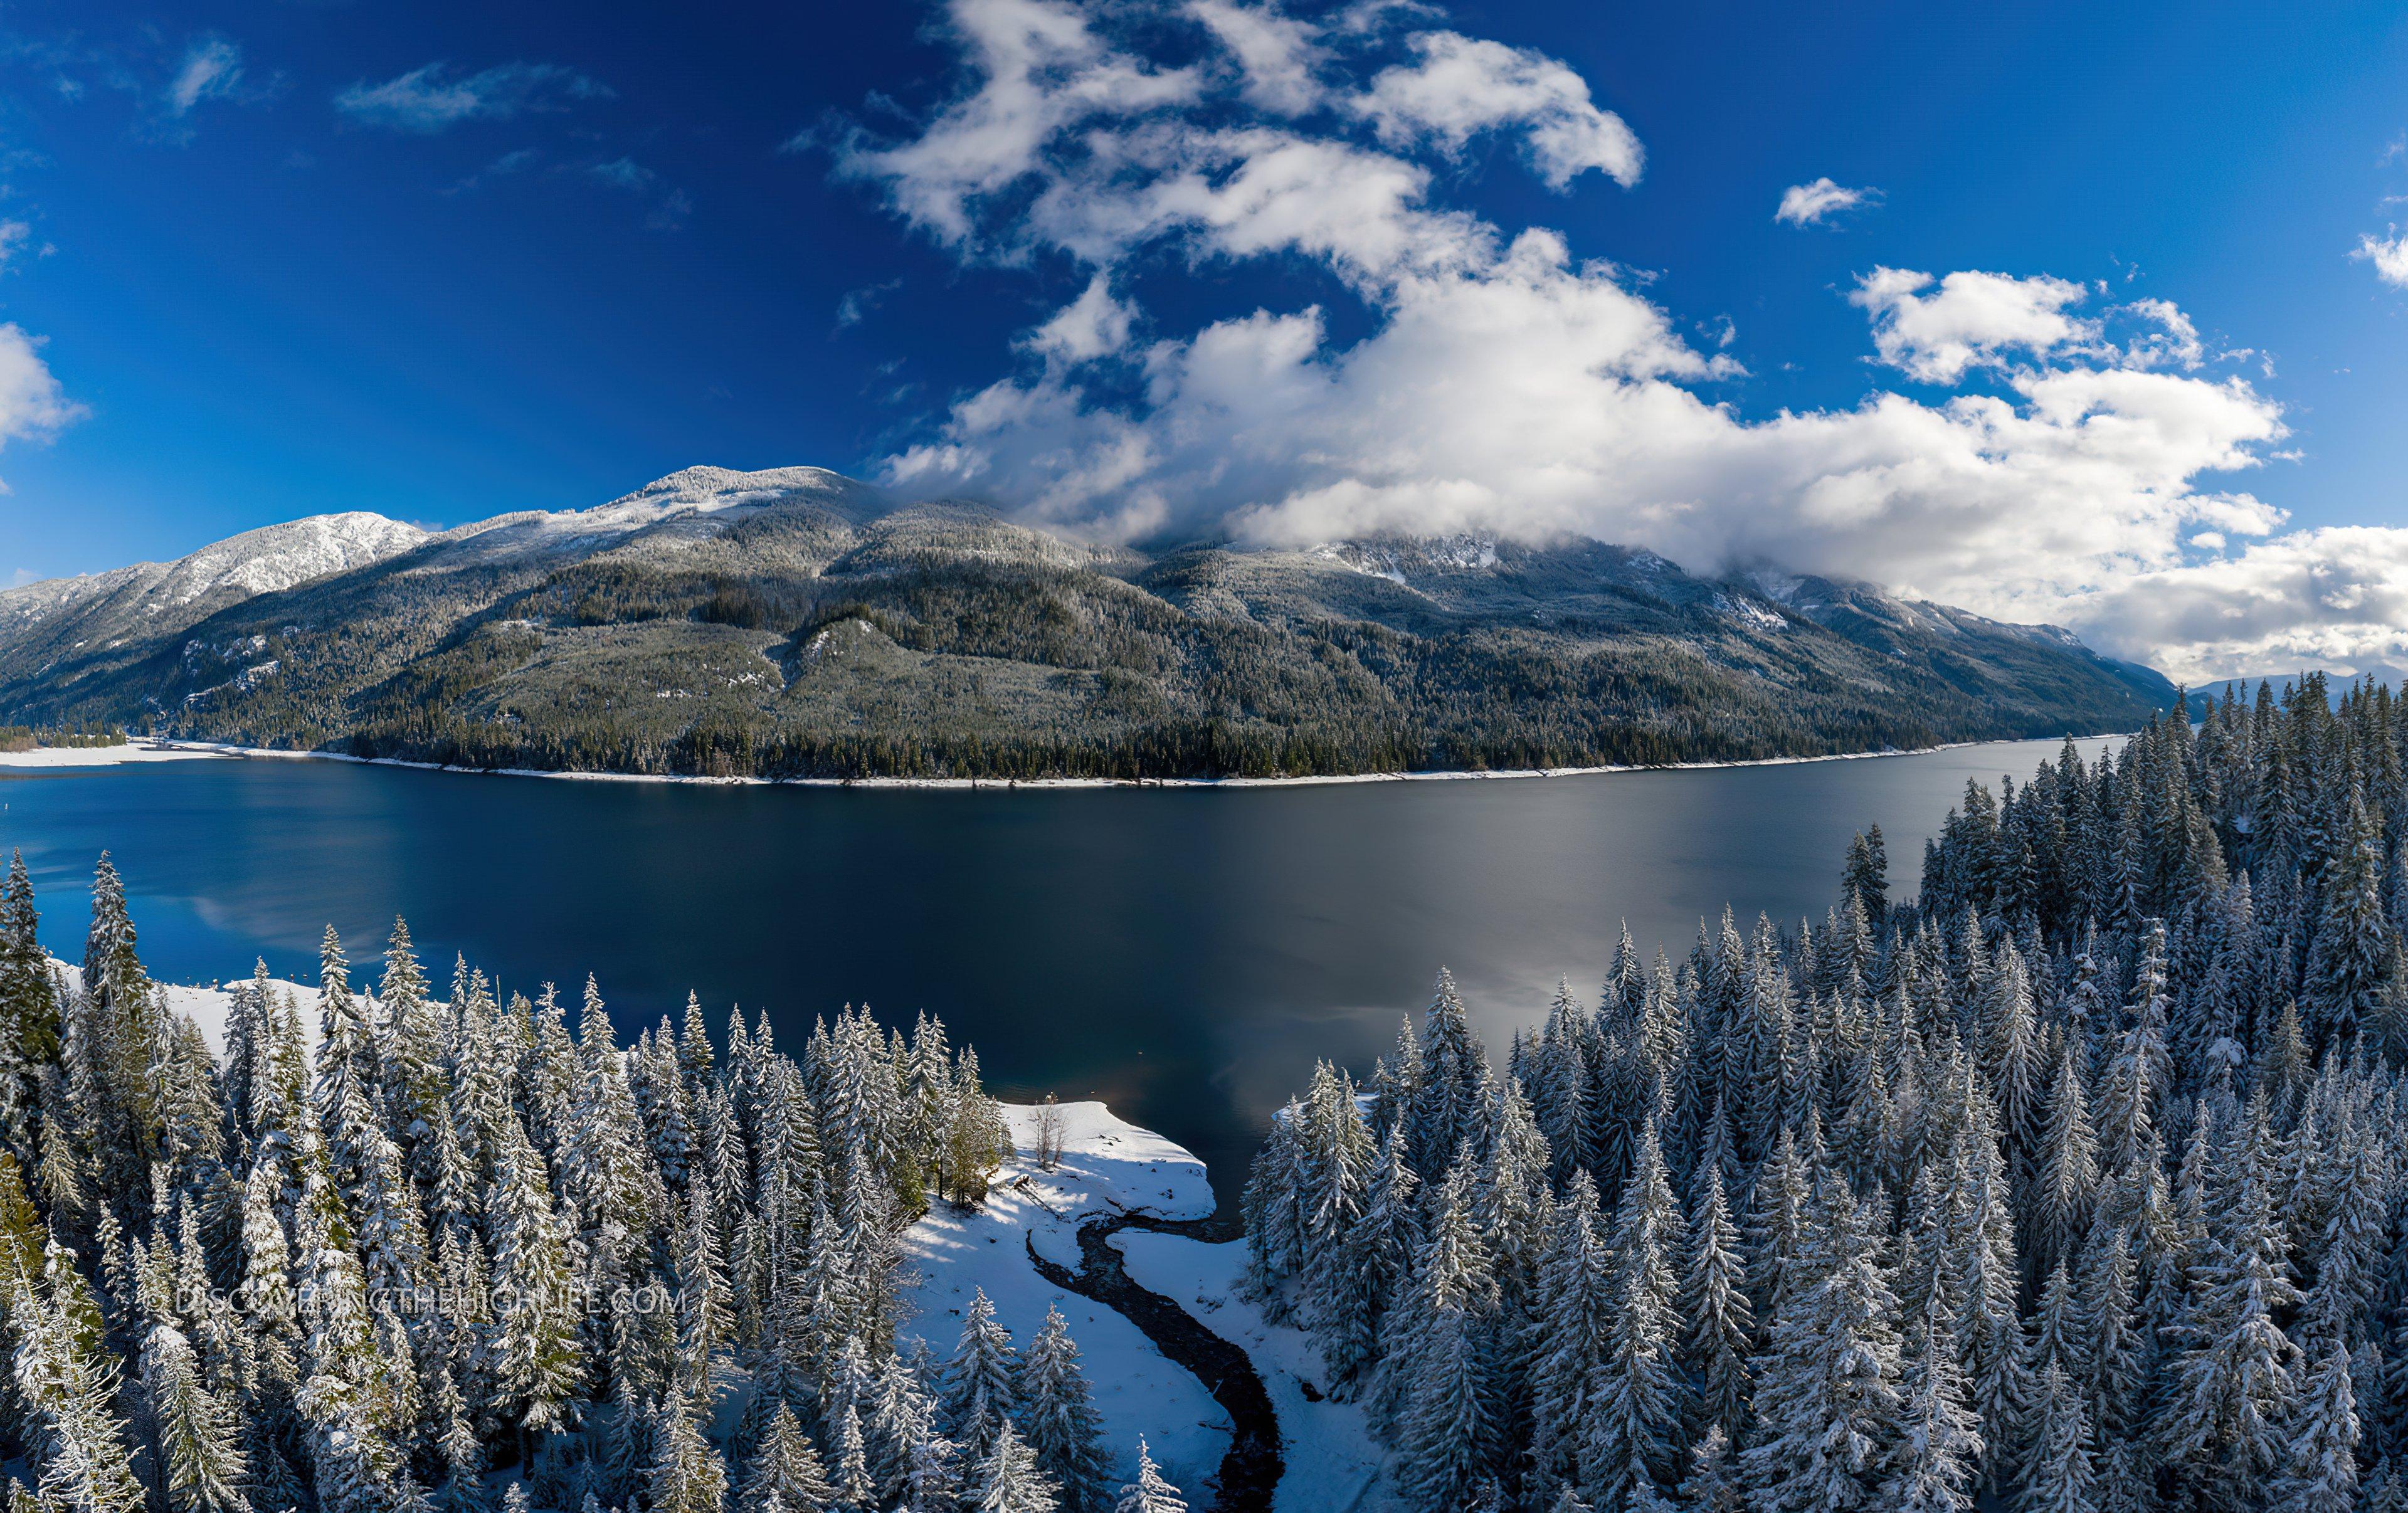 Wallpaper Lake Kachess